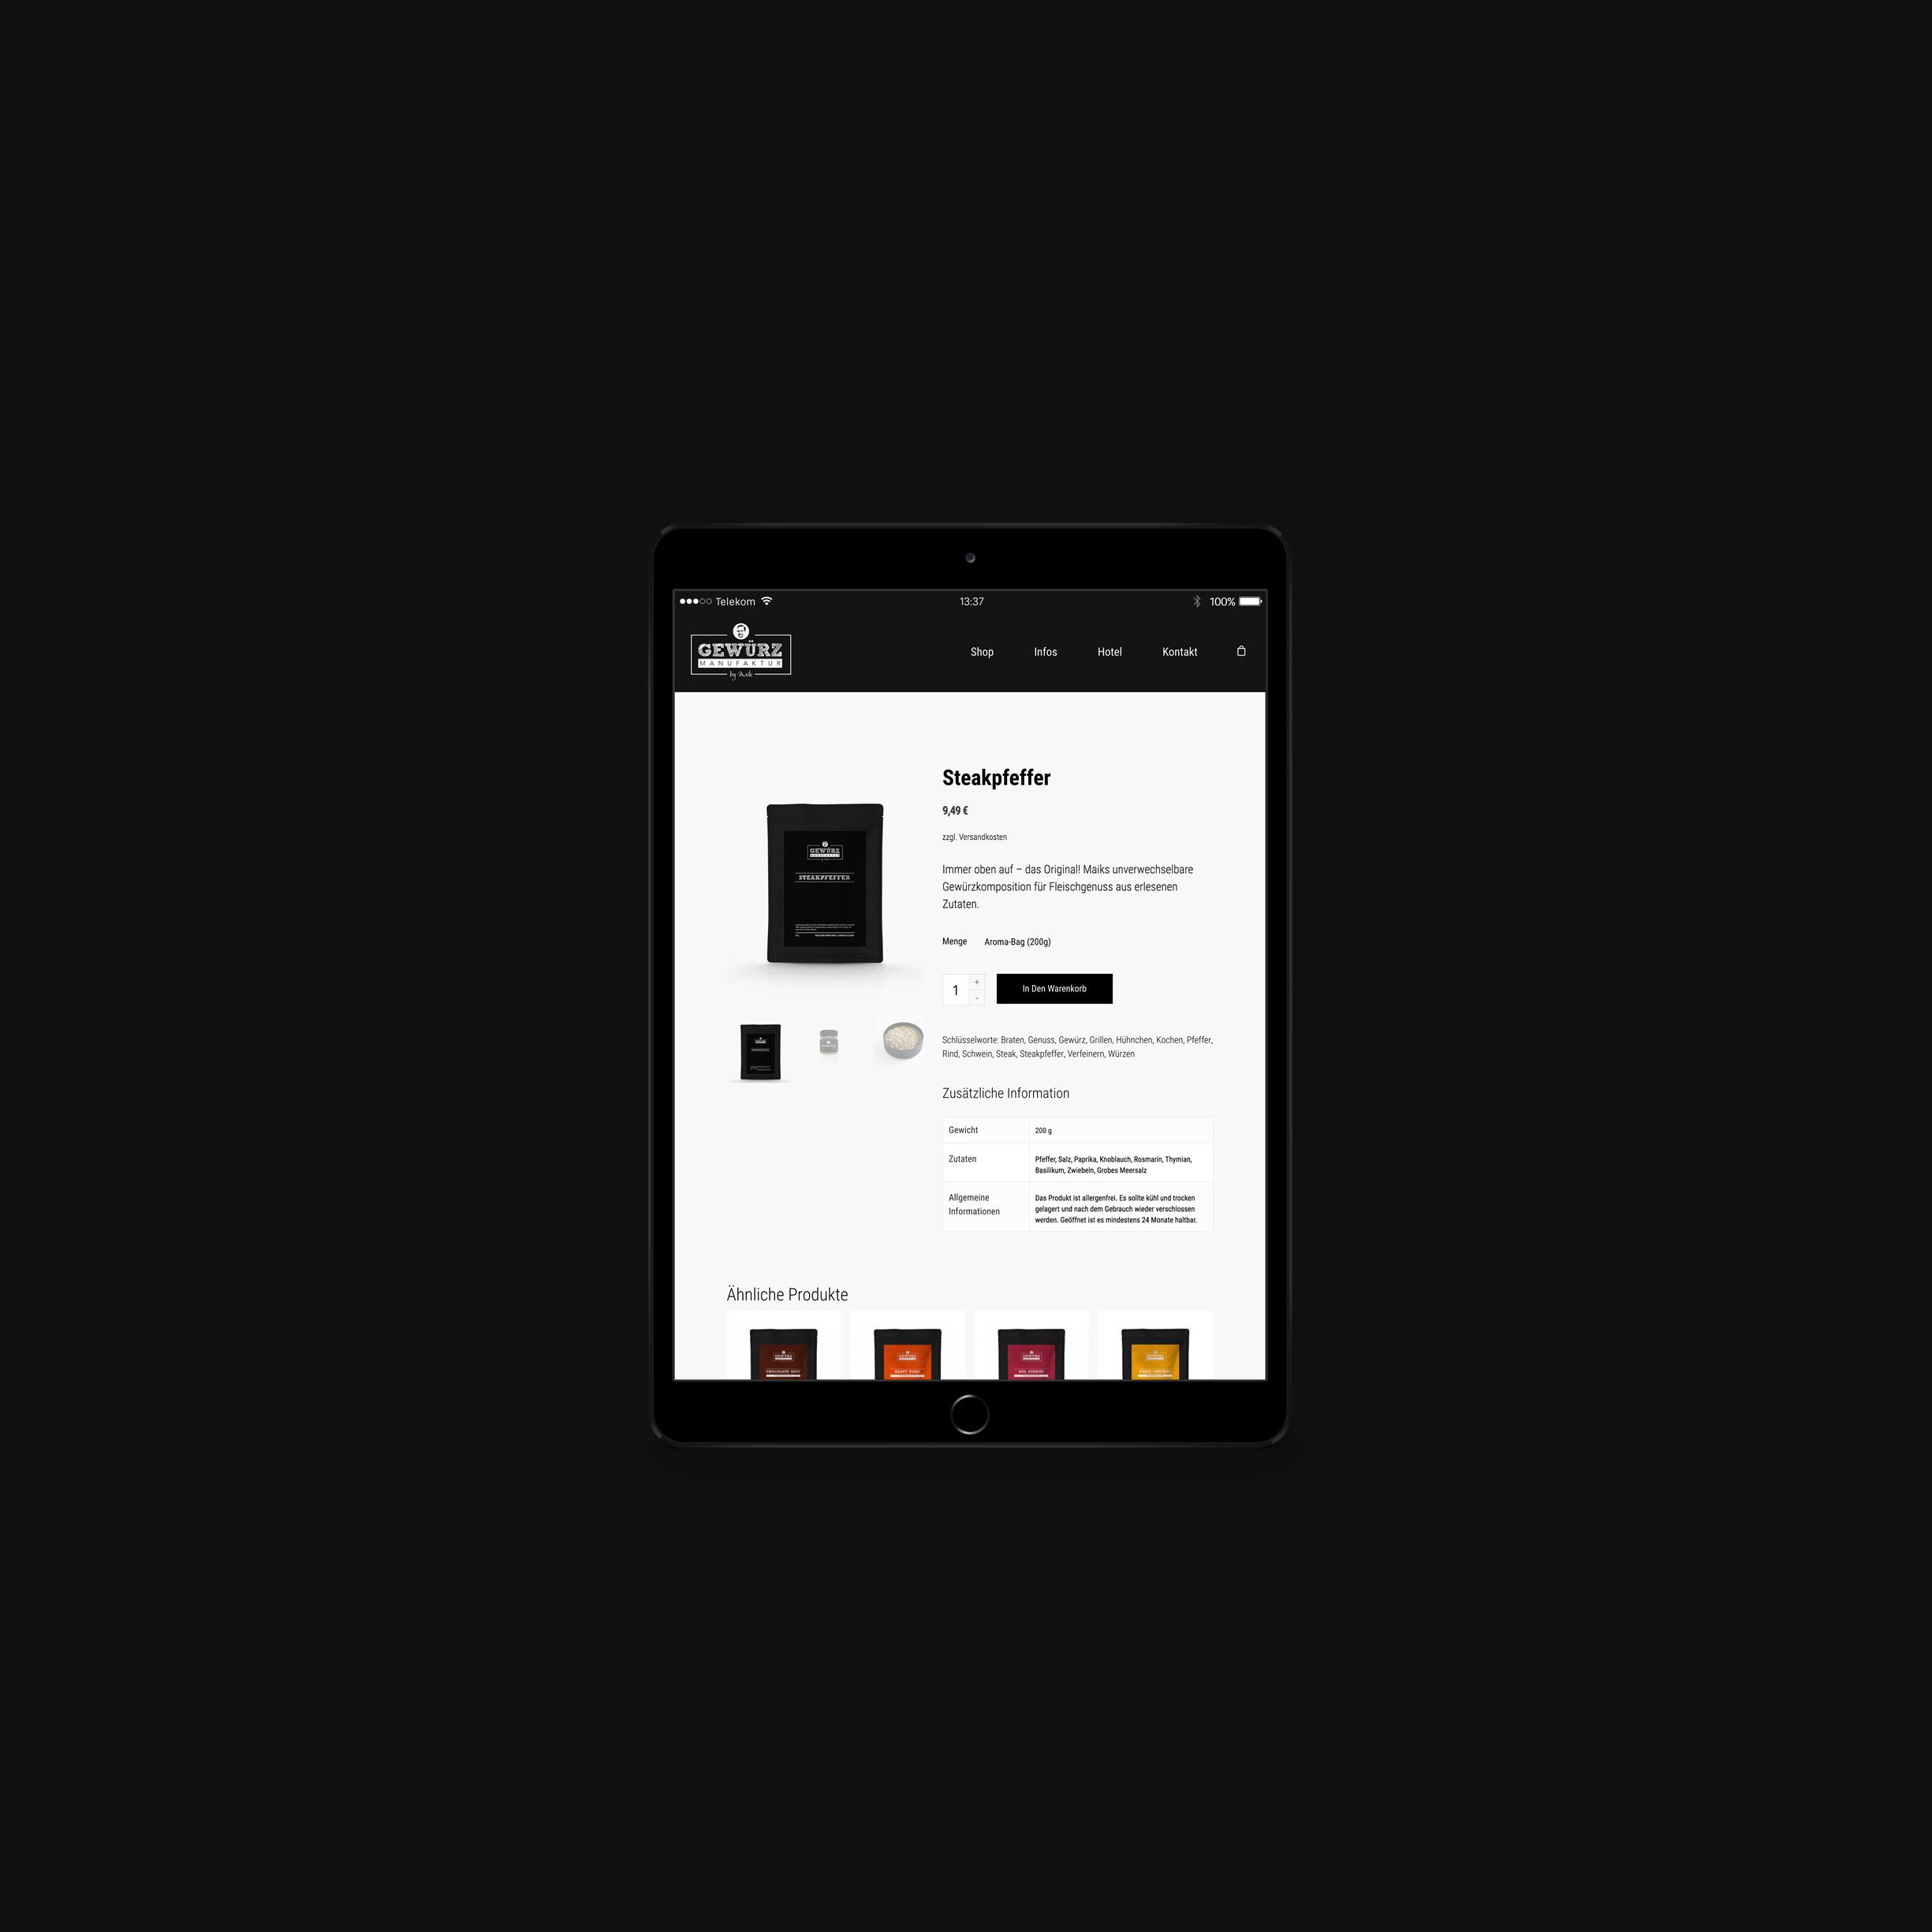 Godewind-Gewuerzmanufaktur-by-Maik-Website-Mueritz-User-Interface